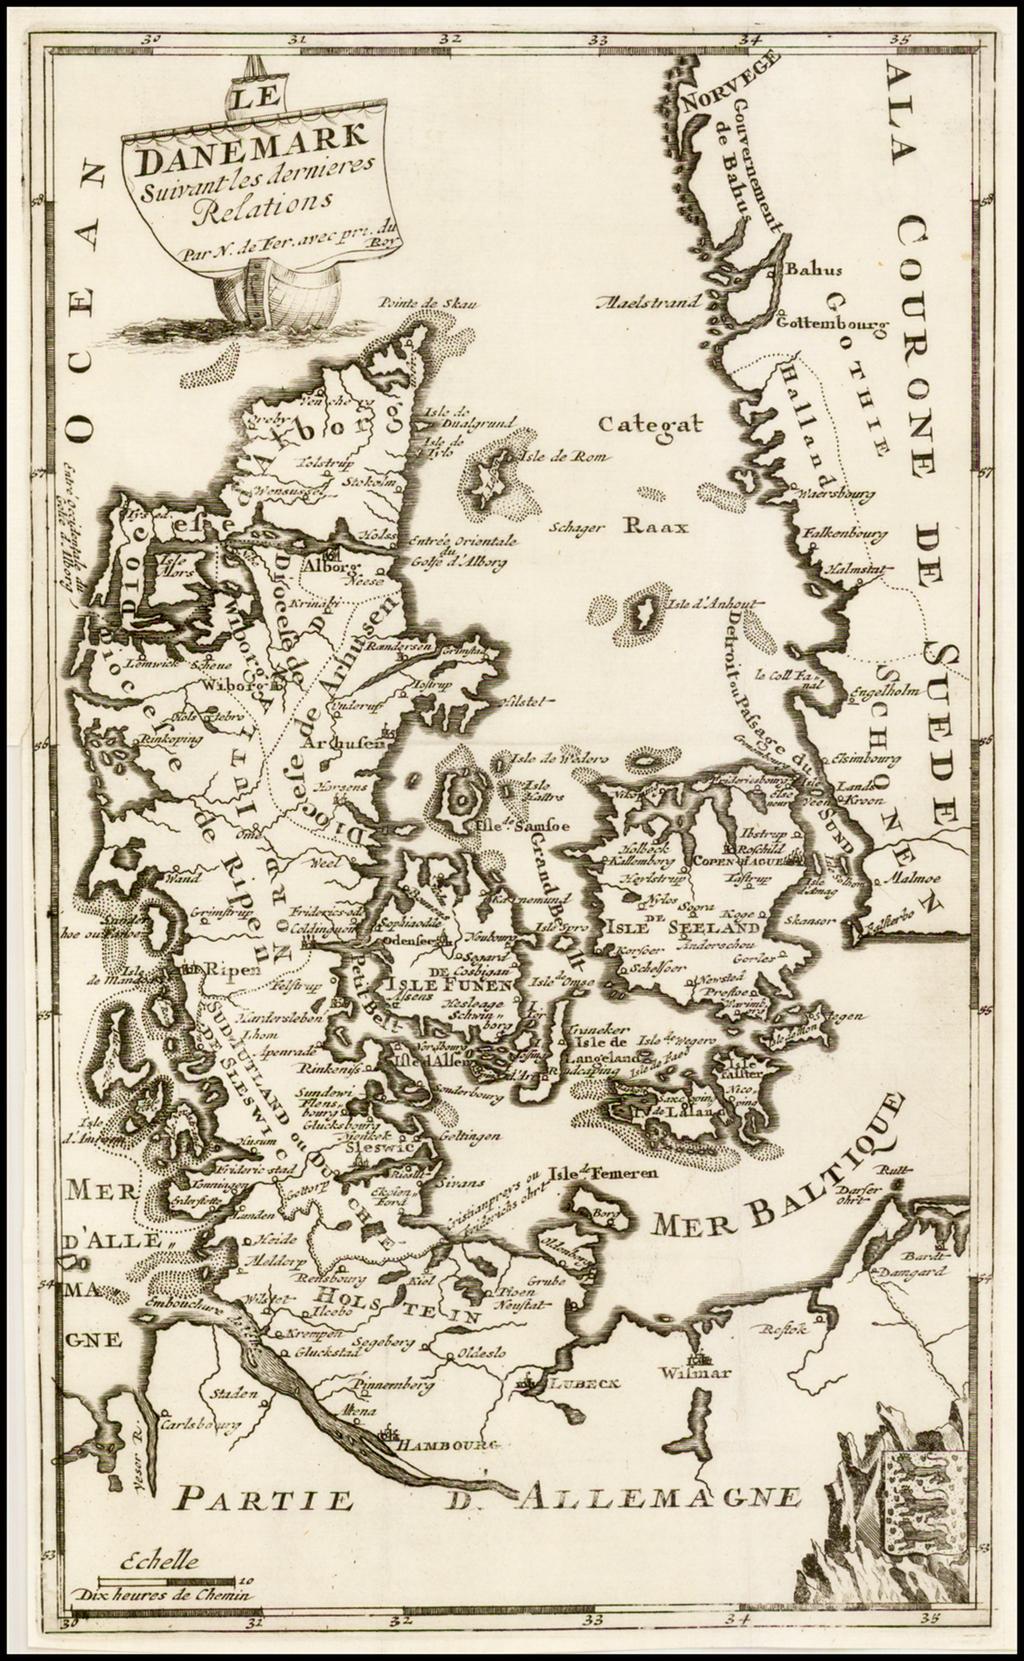 Le Danemark Suivant Dernier Relations By Nicolas de Fer